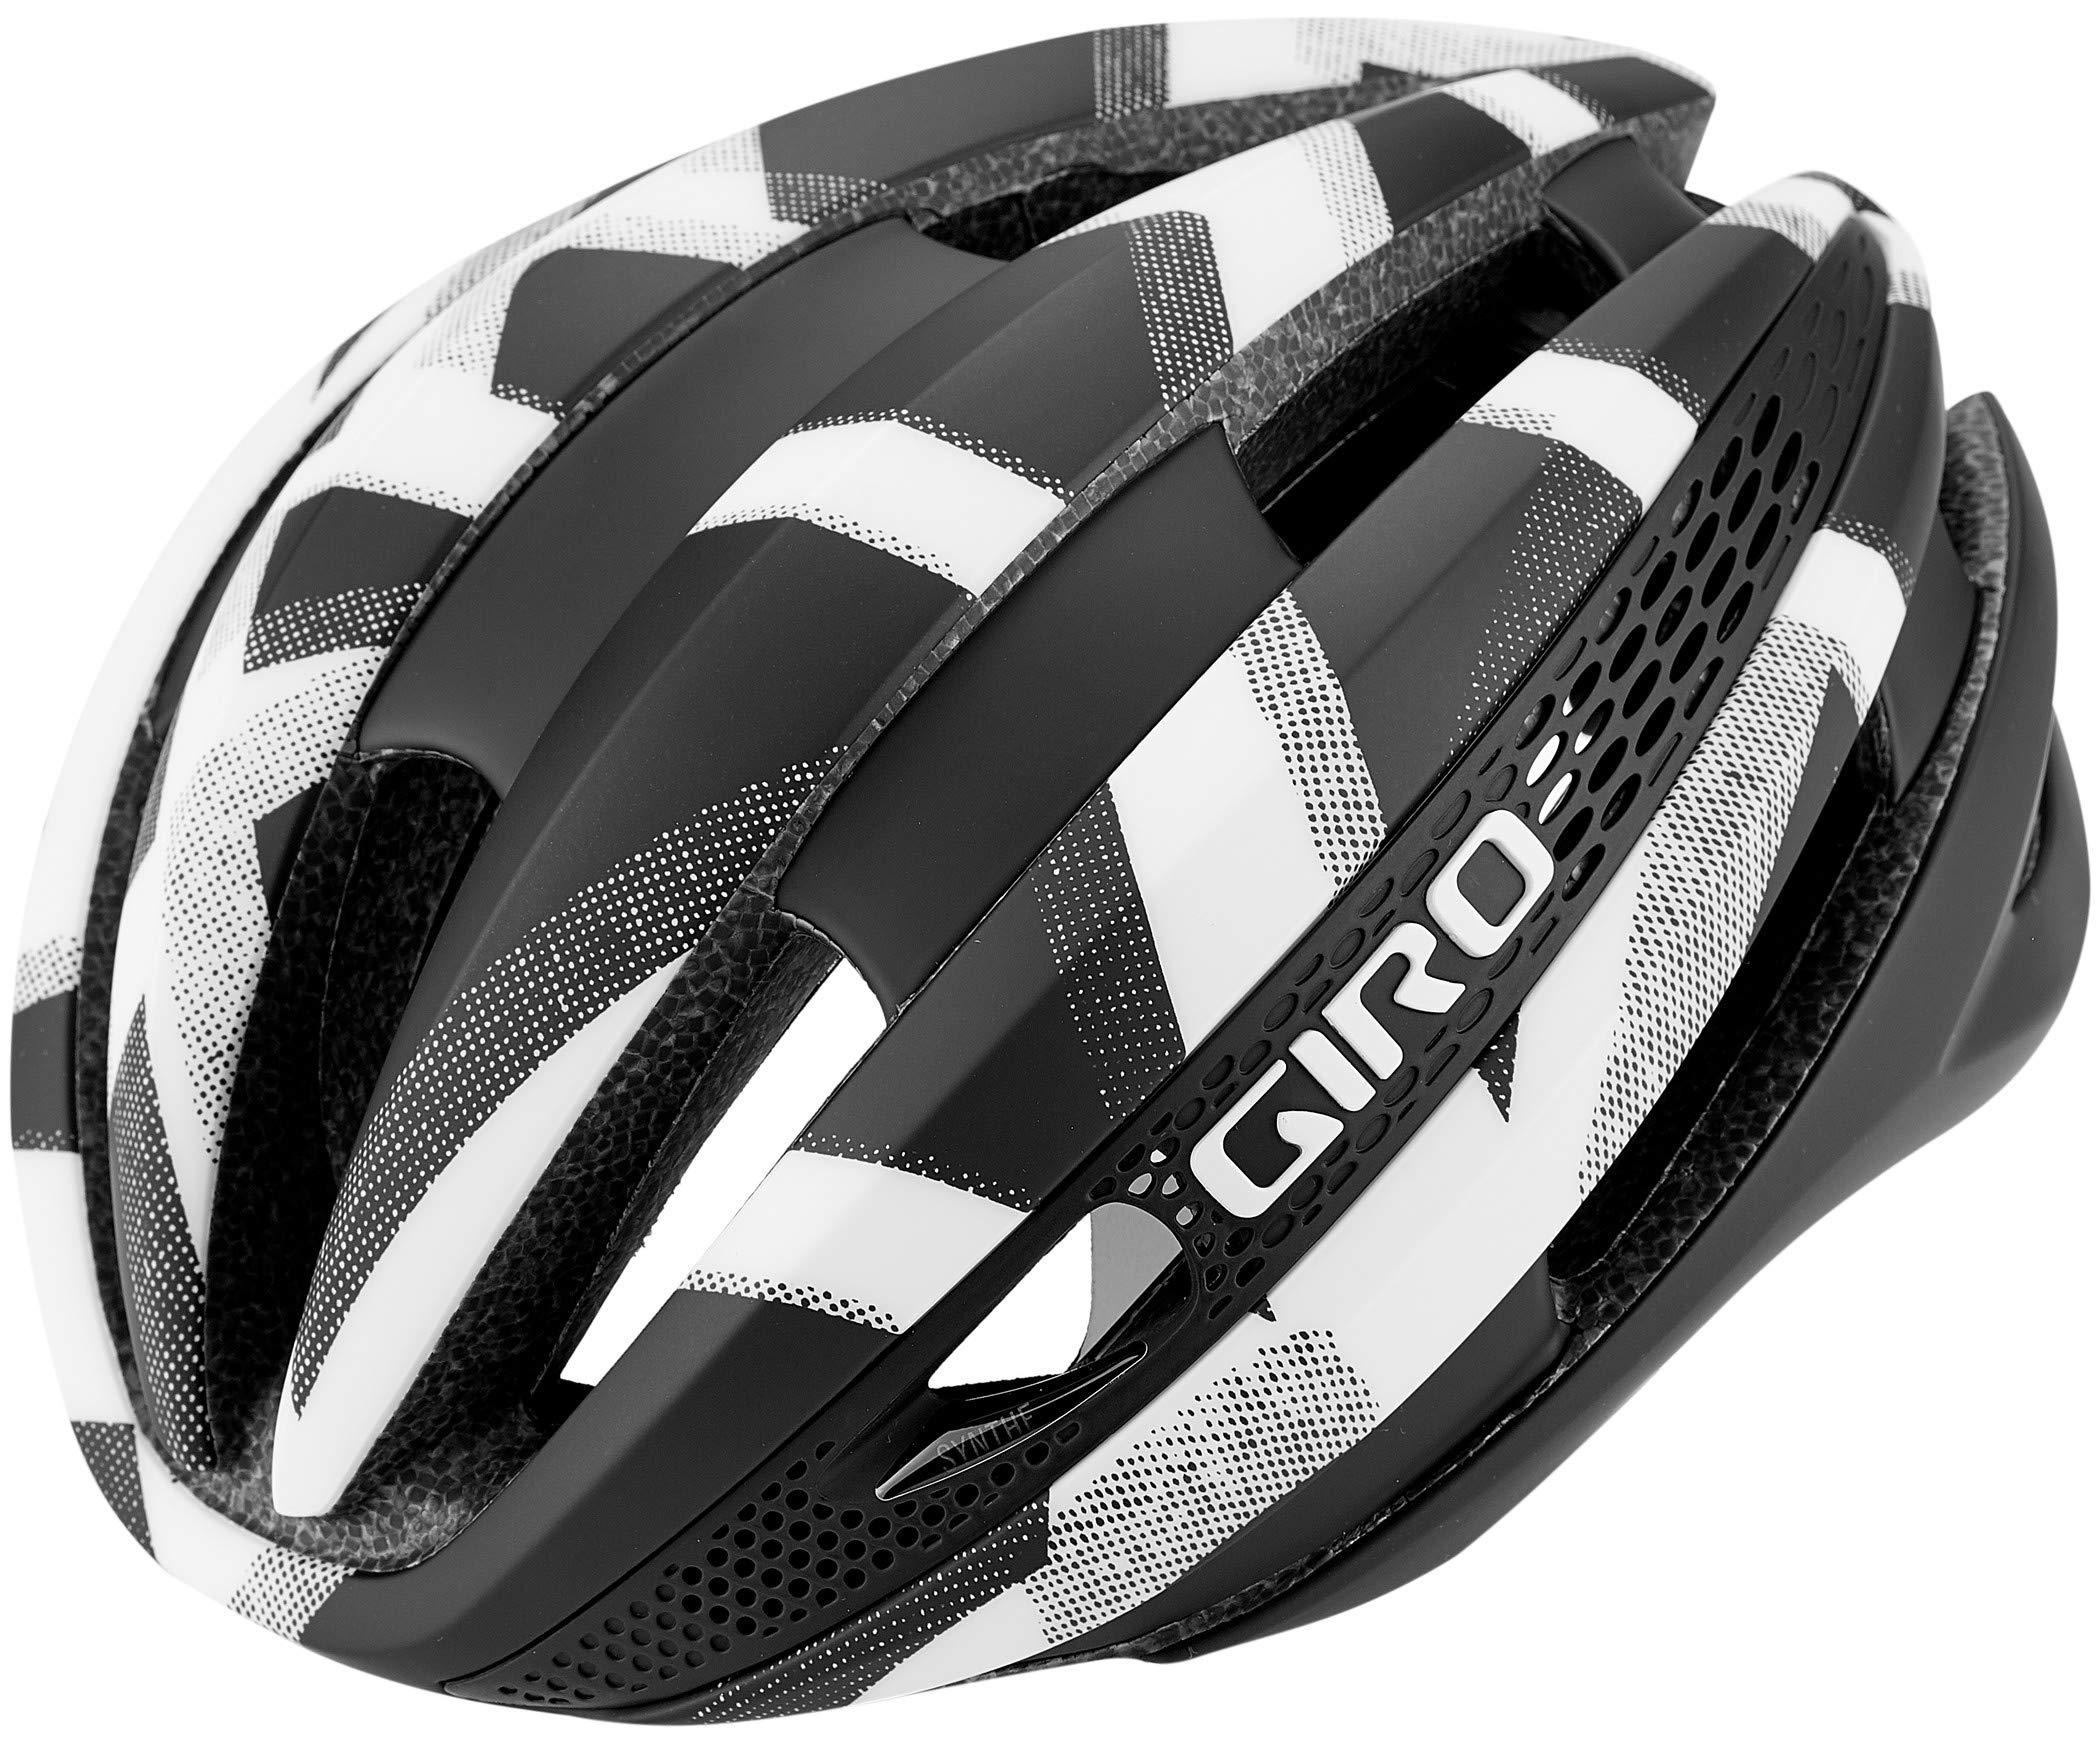 Giro Synthe MIPS 2019 - Casco para bicicleta de carreras, color ...